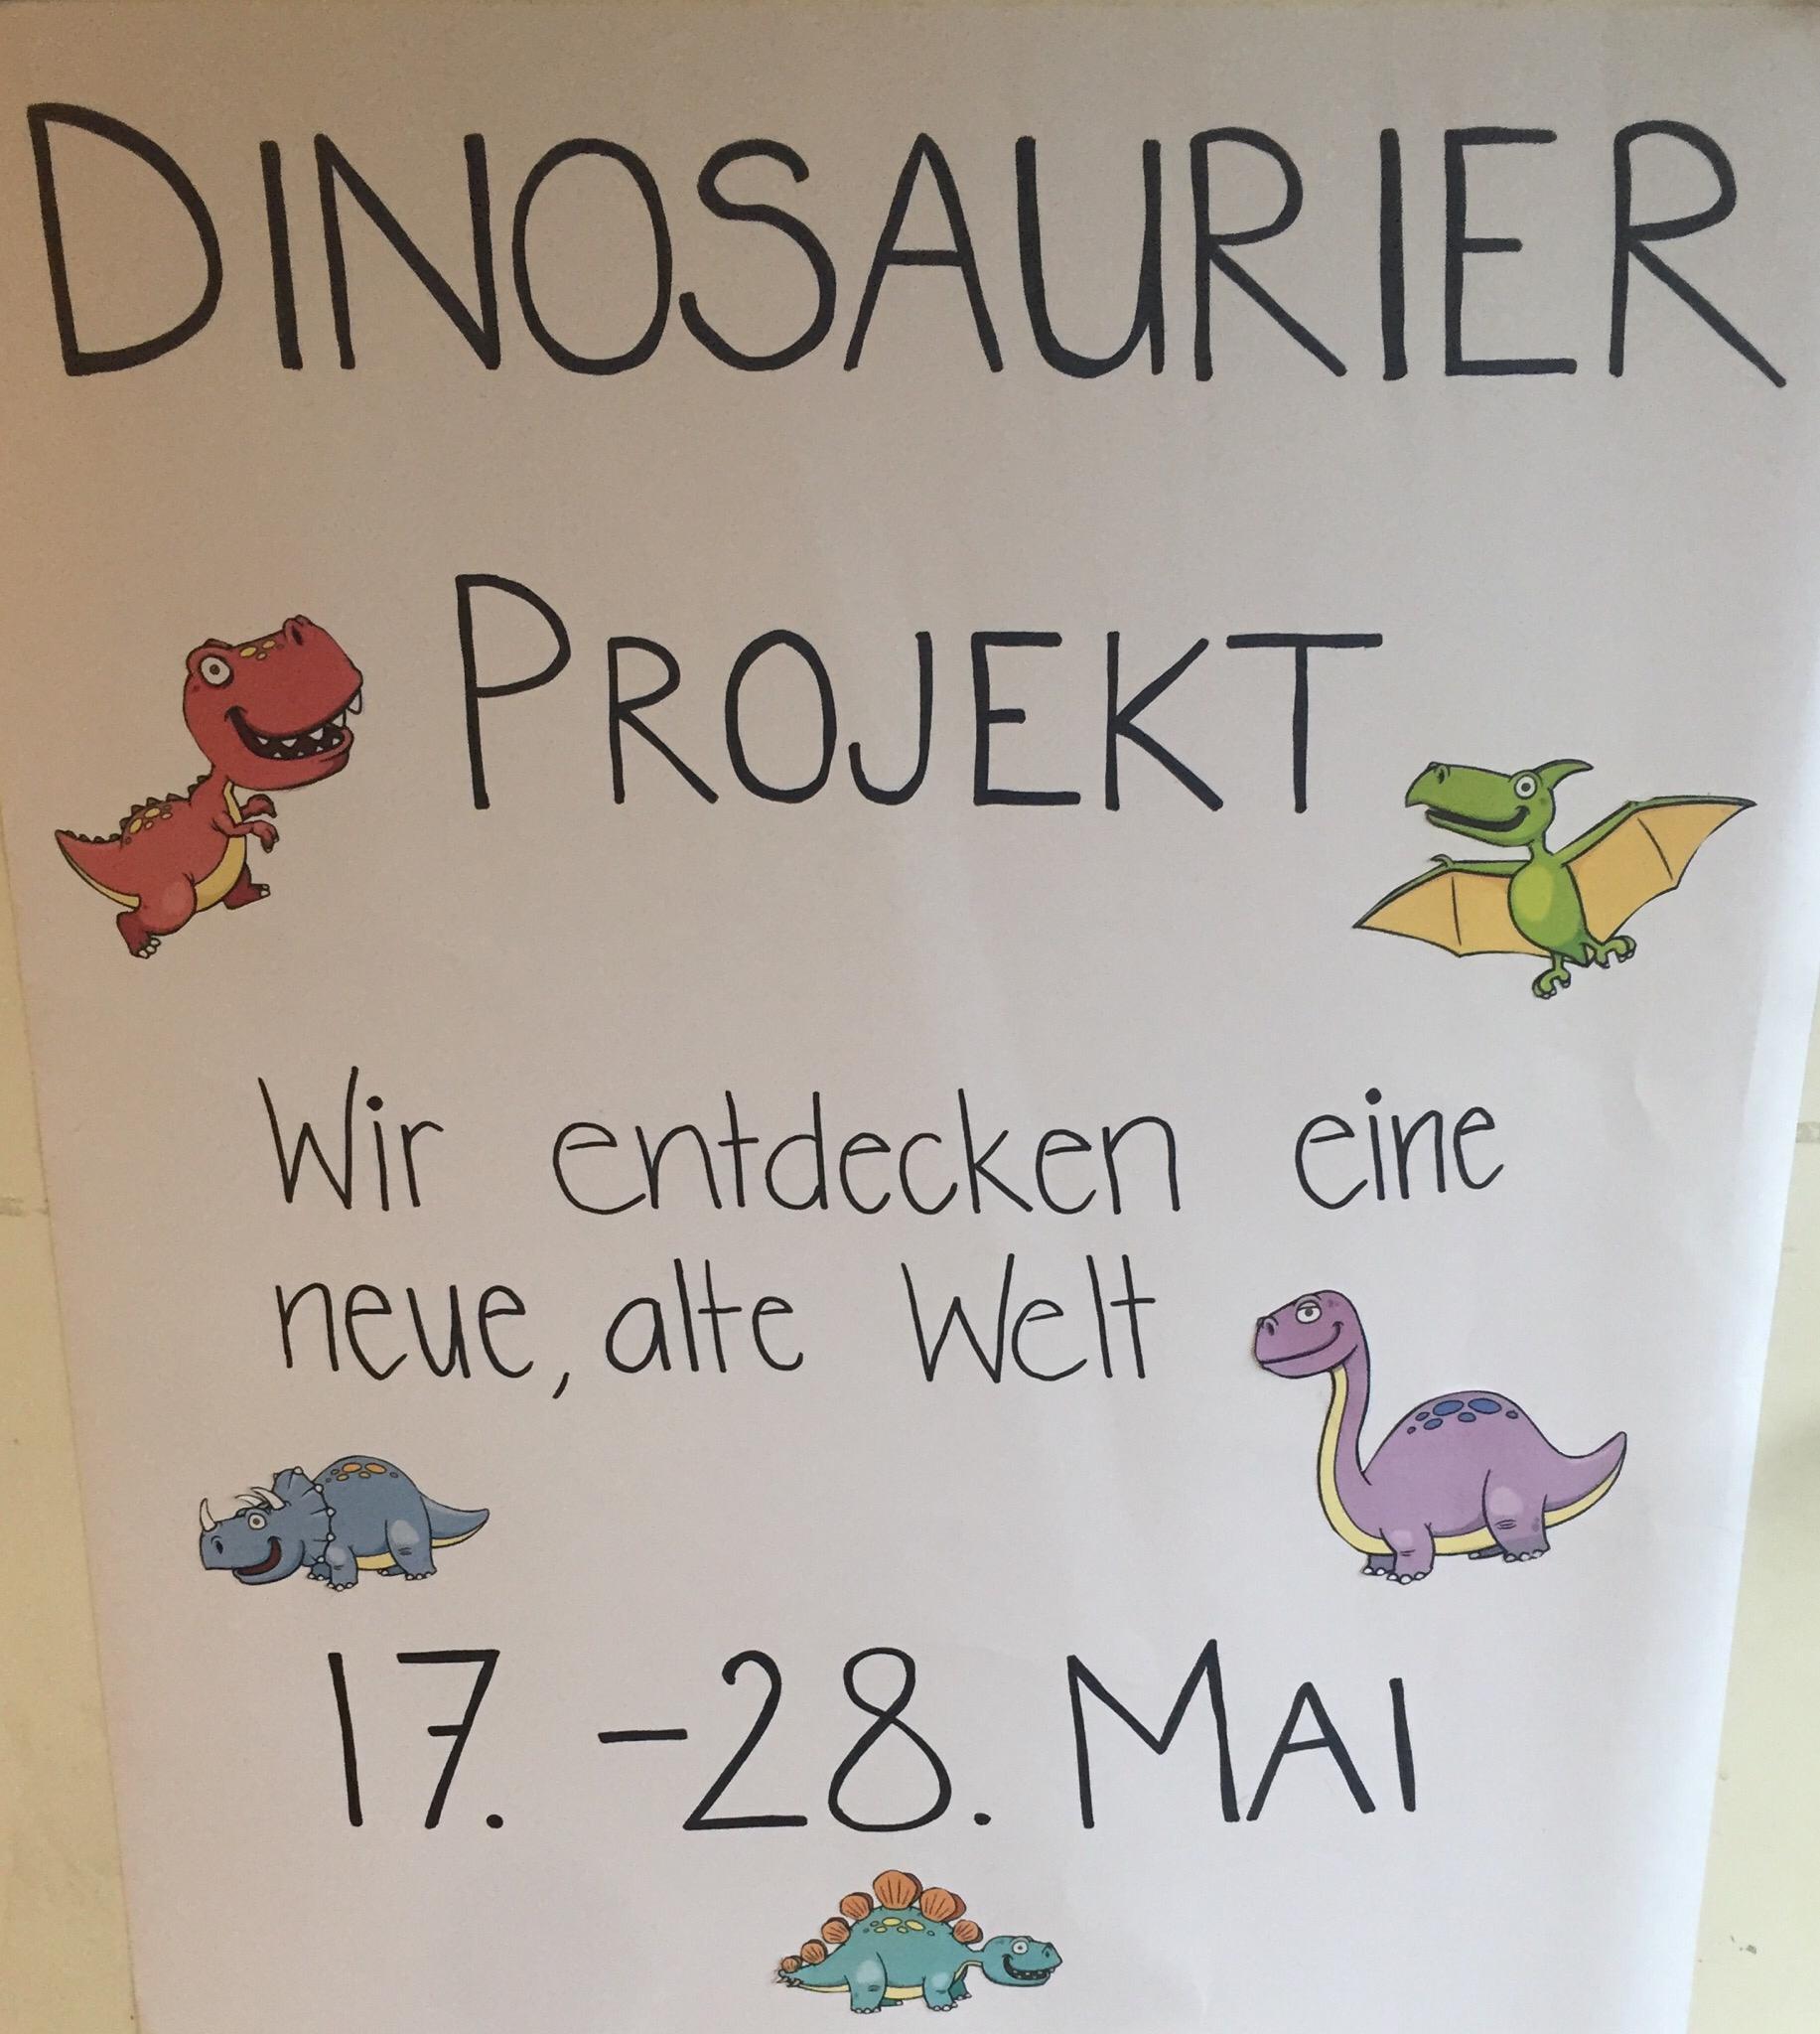 Projekt Dinosaurier